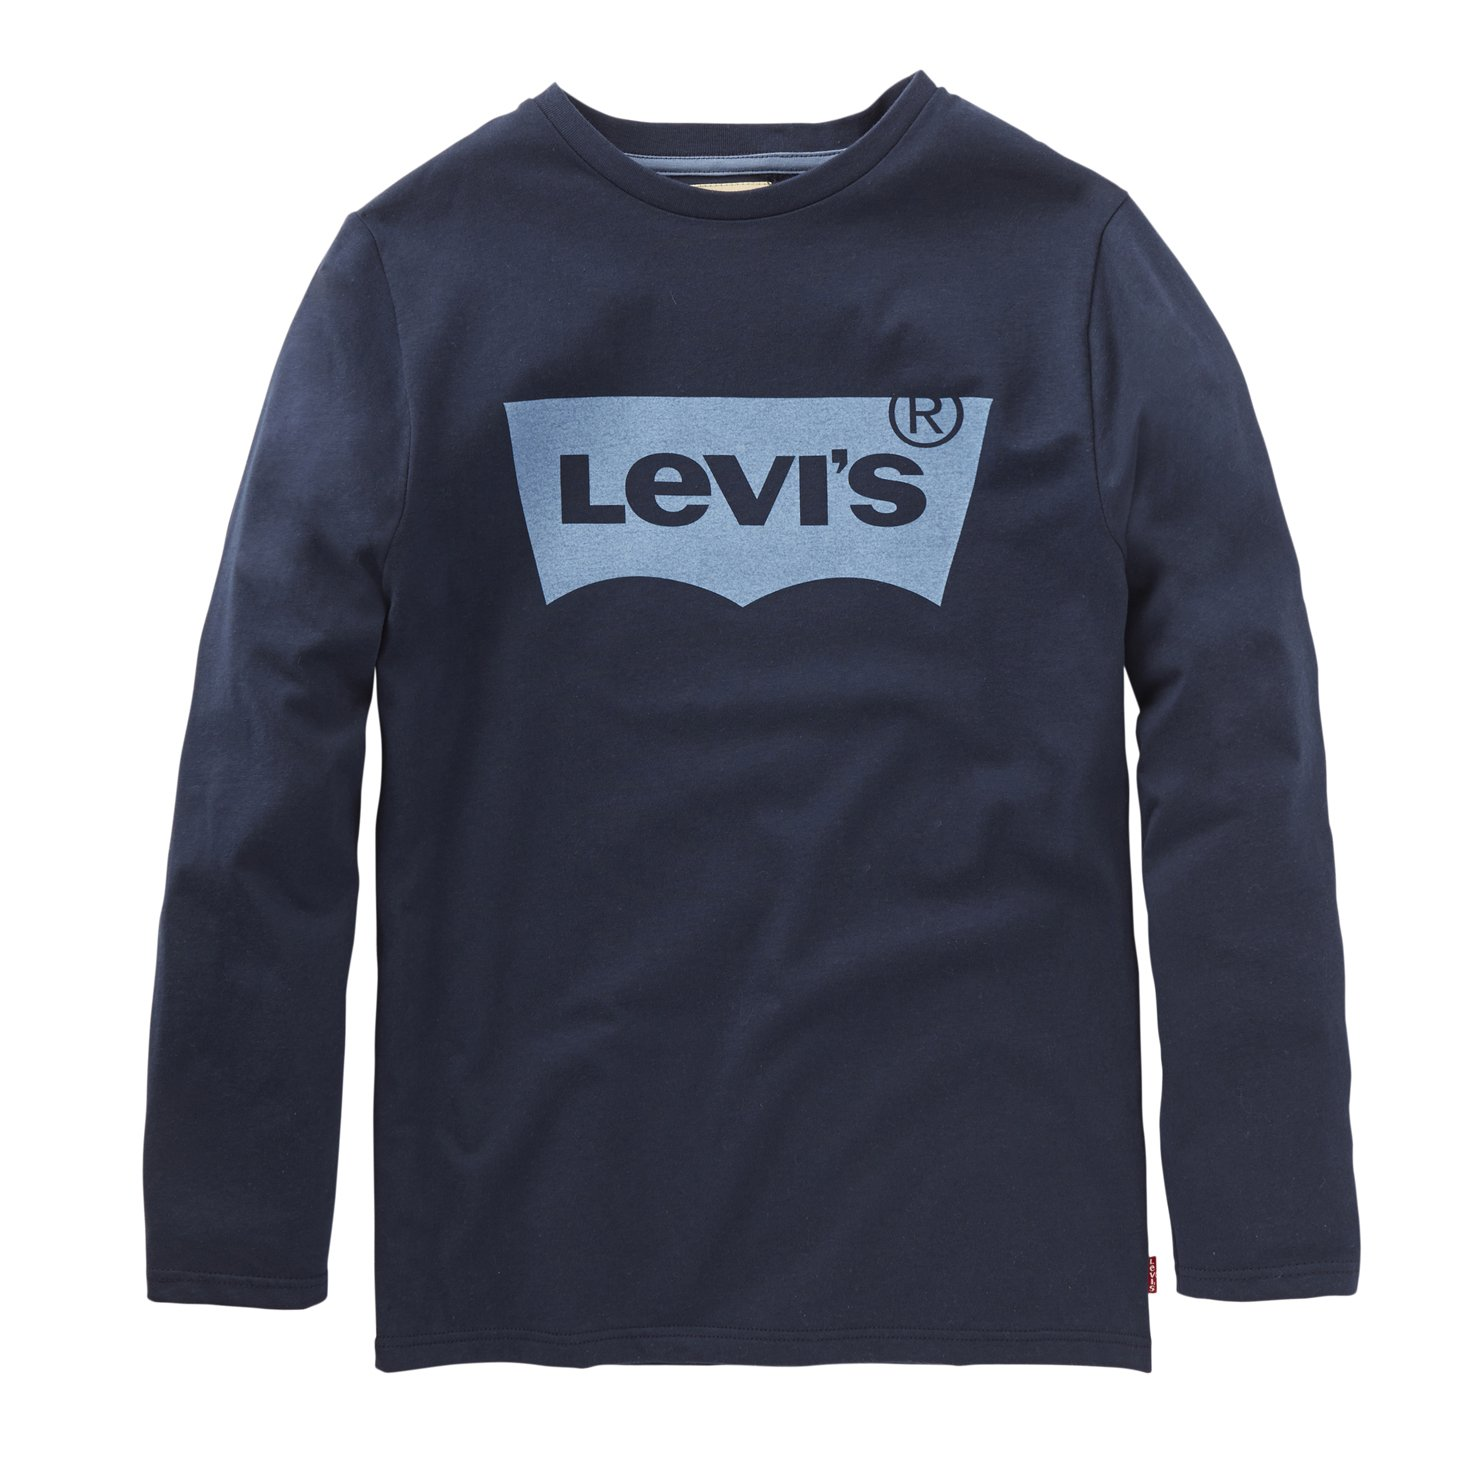 045517dabf3f5 Levis Kids T- Shirt Garçon Levi  s Kids N91005H